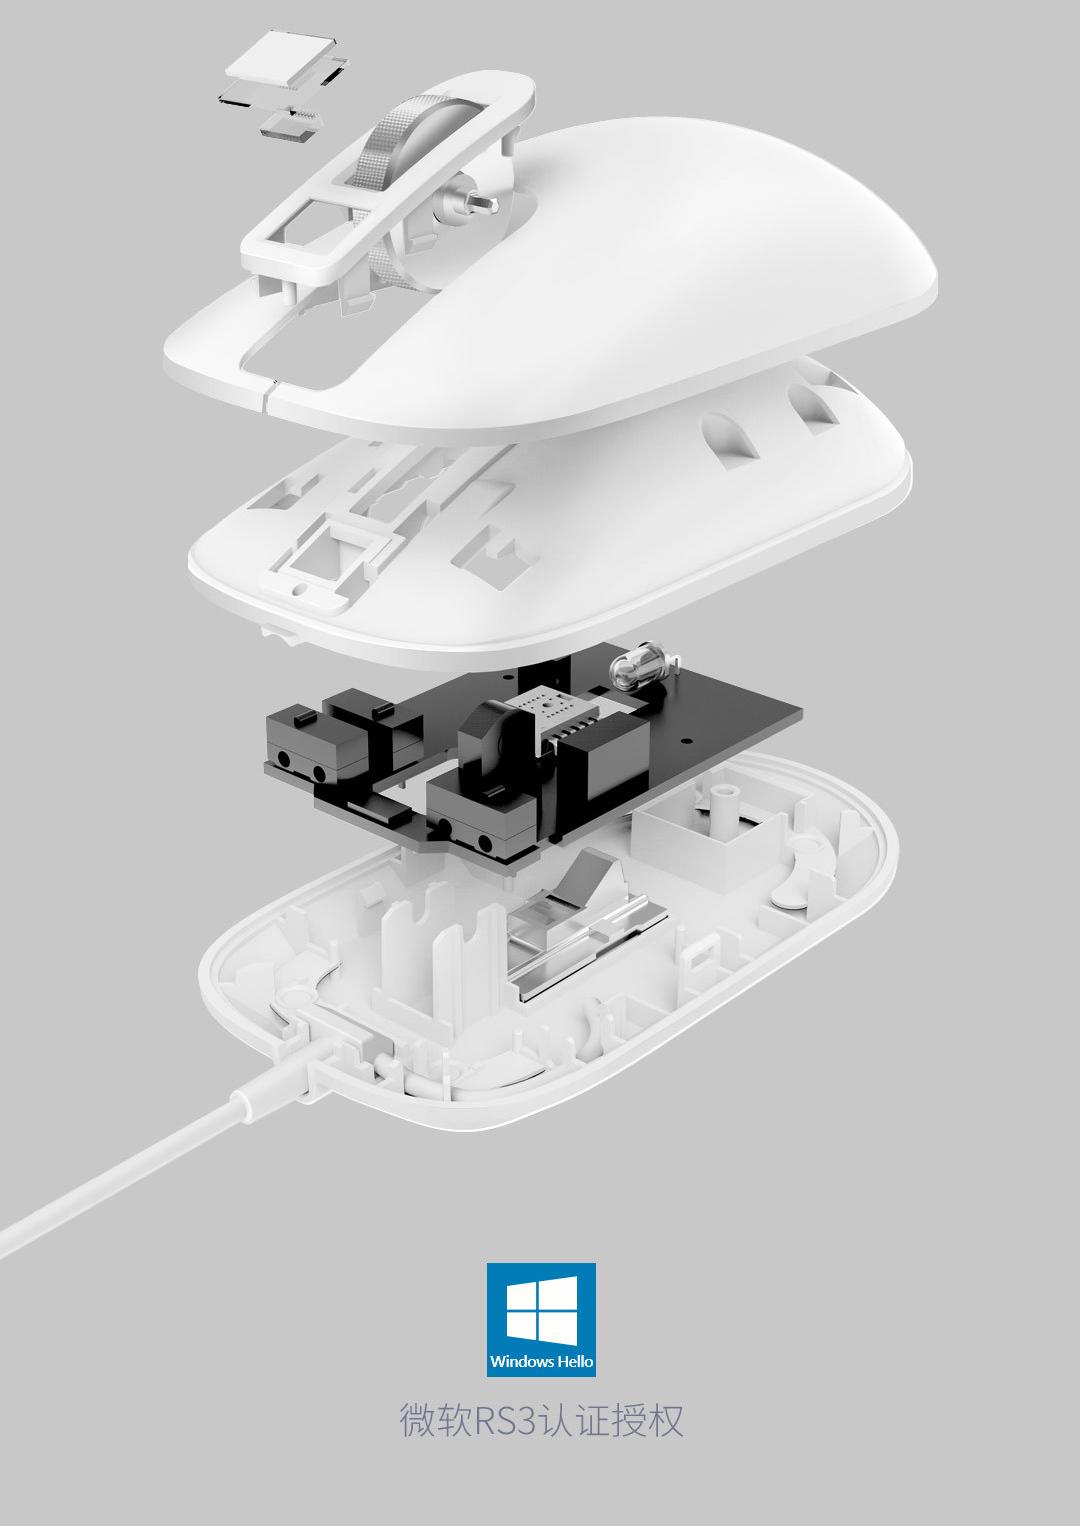 Xiaomi демонстрирует мышку со встроенным сканером отпечатка пальца